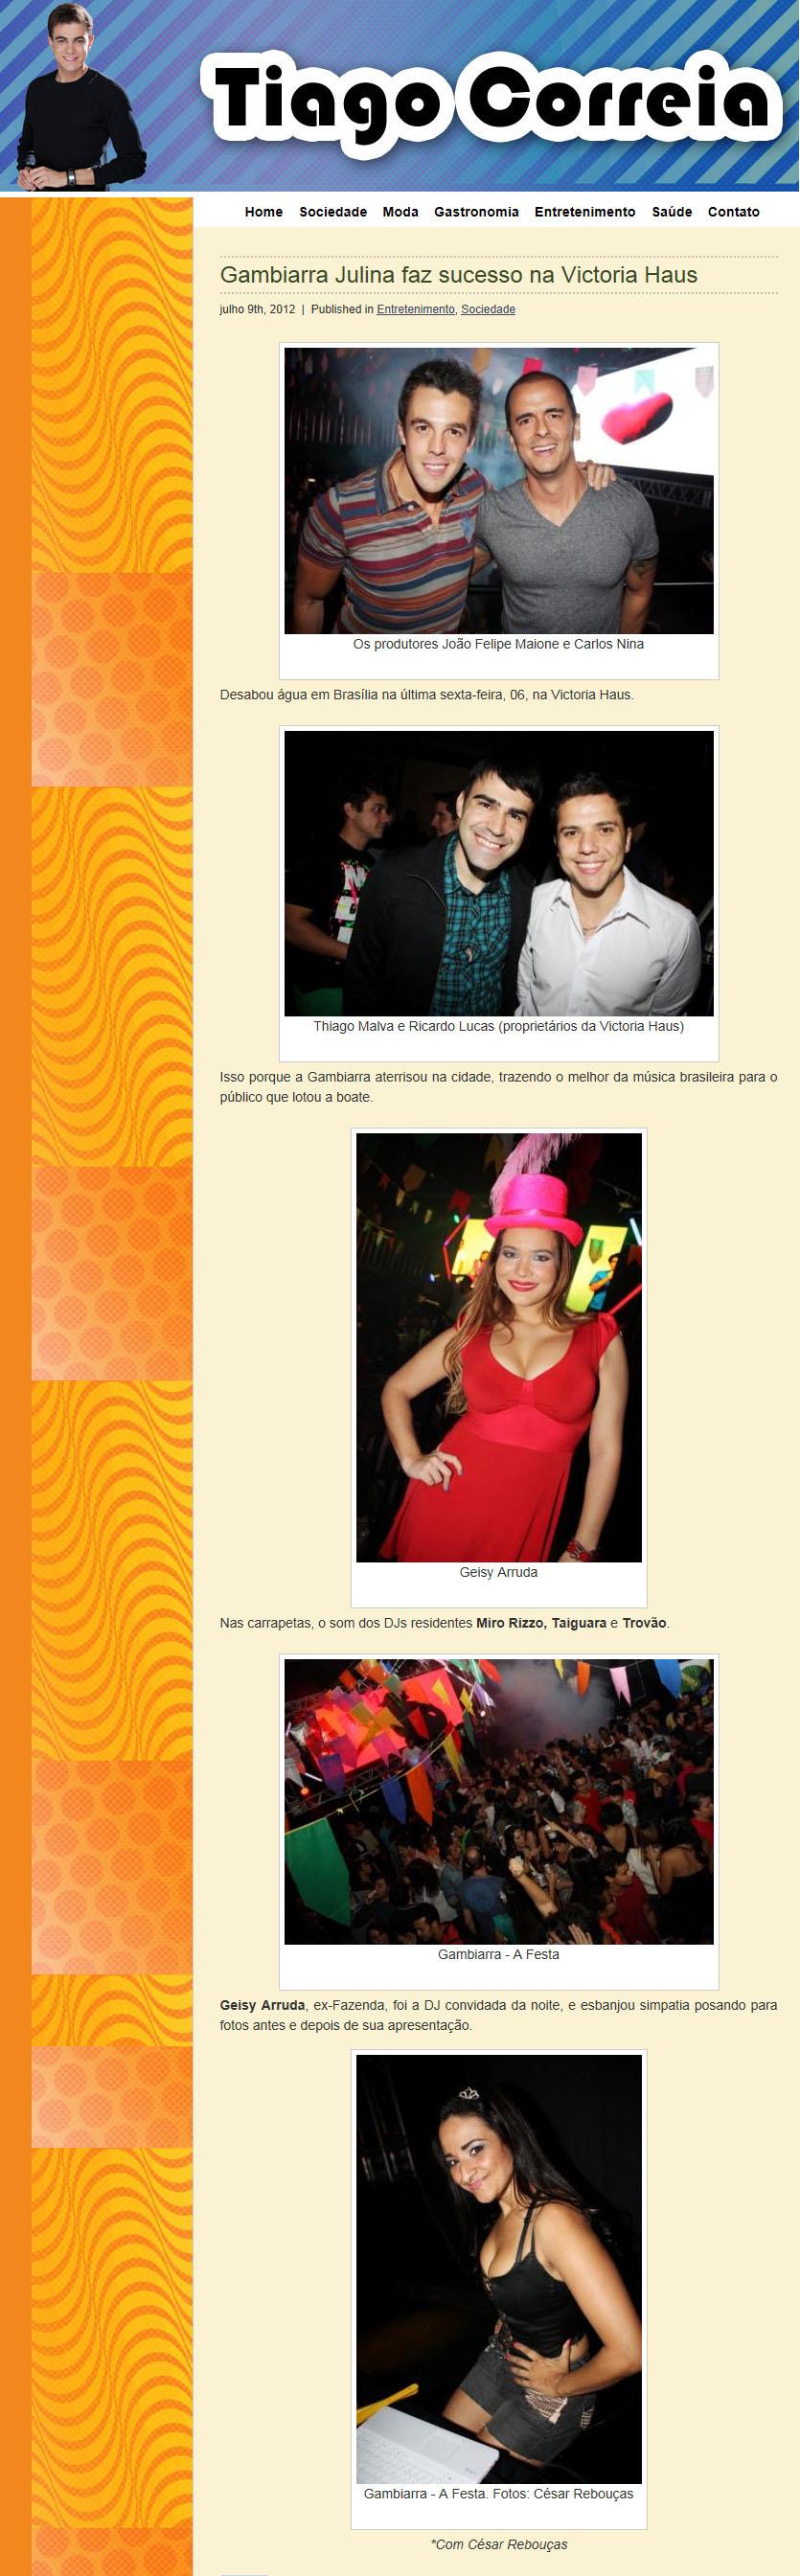 Tiago_Correia_Brasilia_09.07.2012